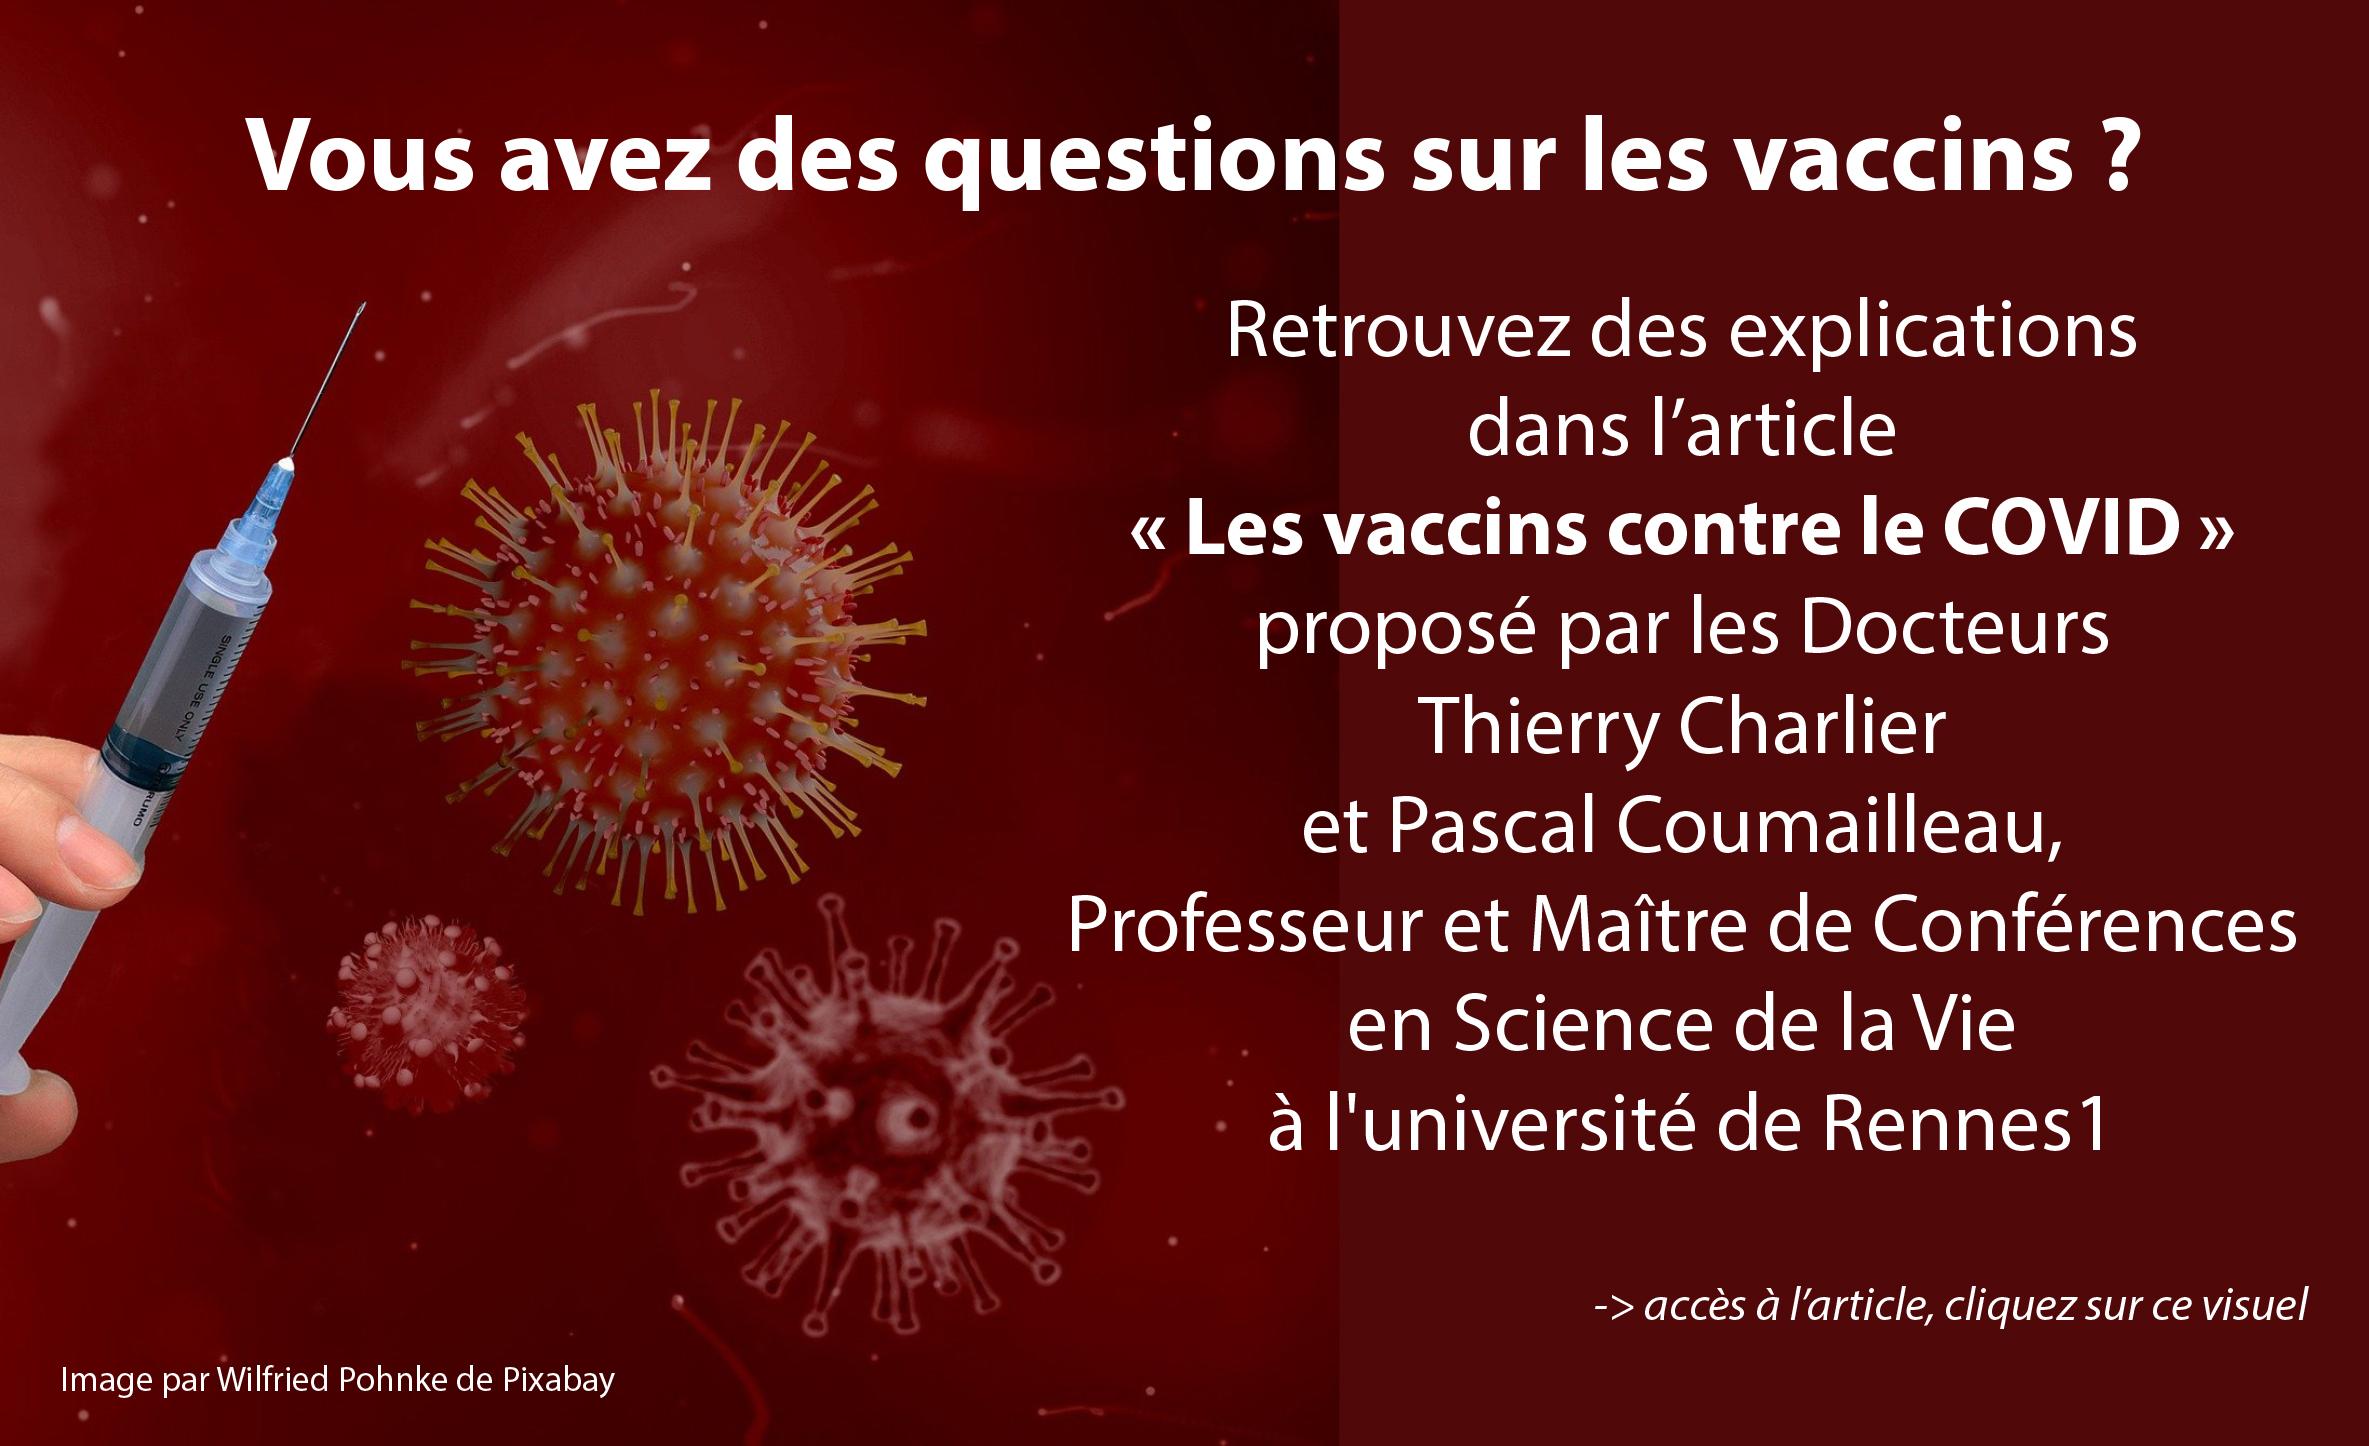 Vous avez des questions sur les vaccins ?